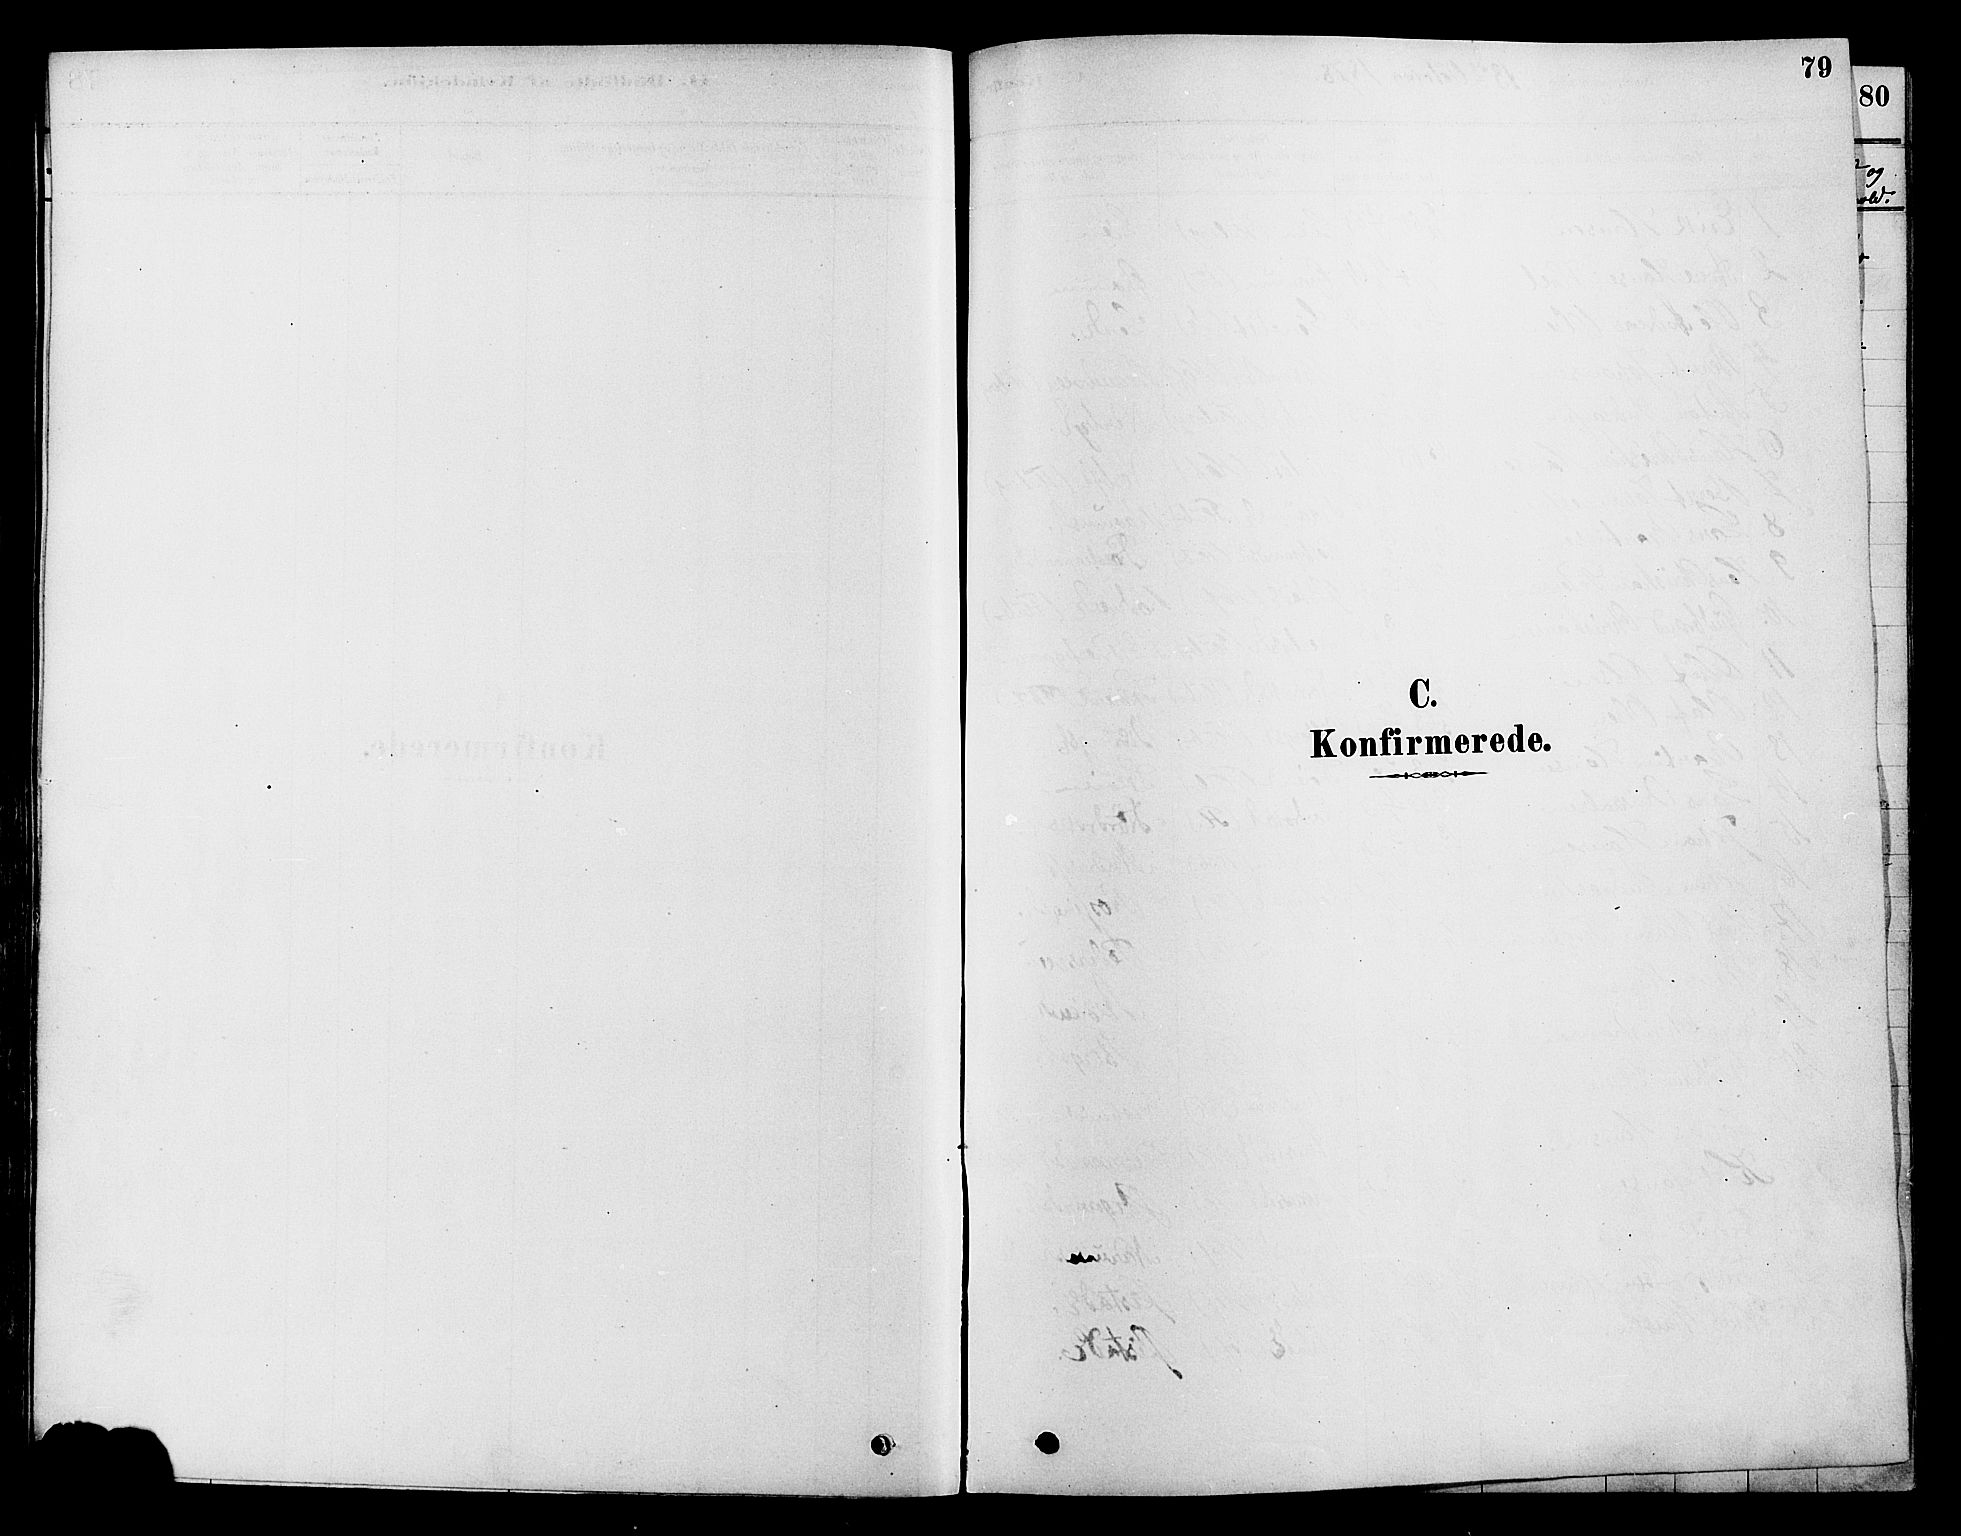 SAH, Søndre Land prestekontor, K/L0002: Ministerialbok nr. 2, 1878-1894, s. 79